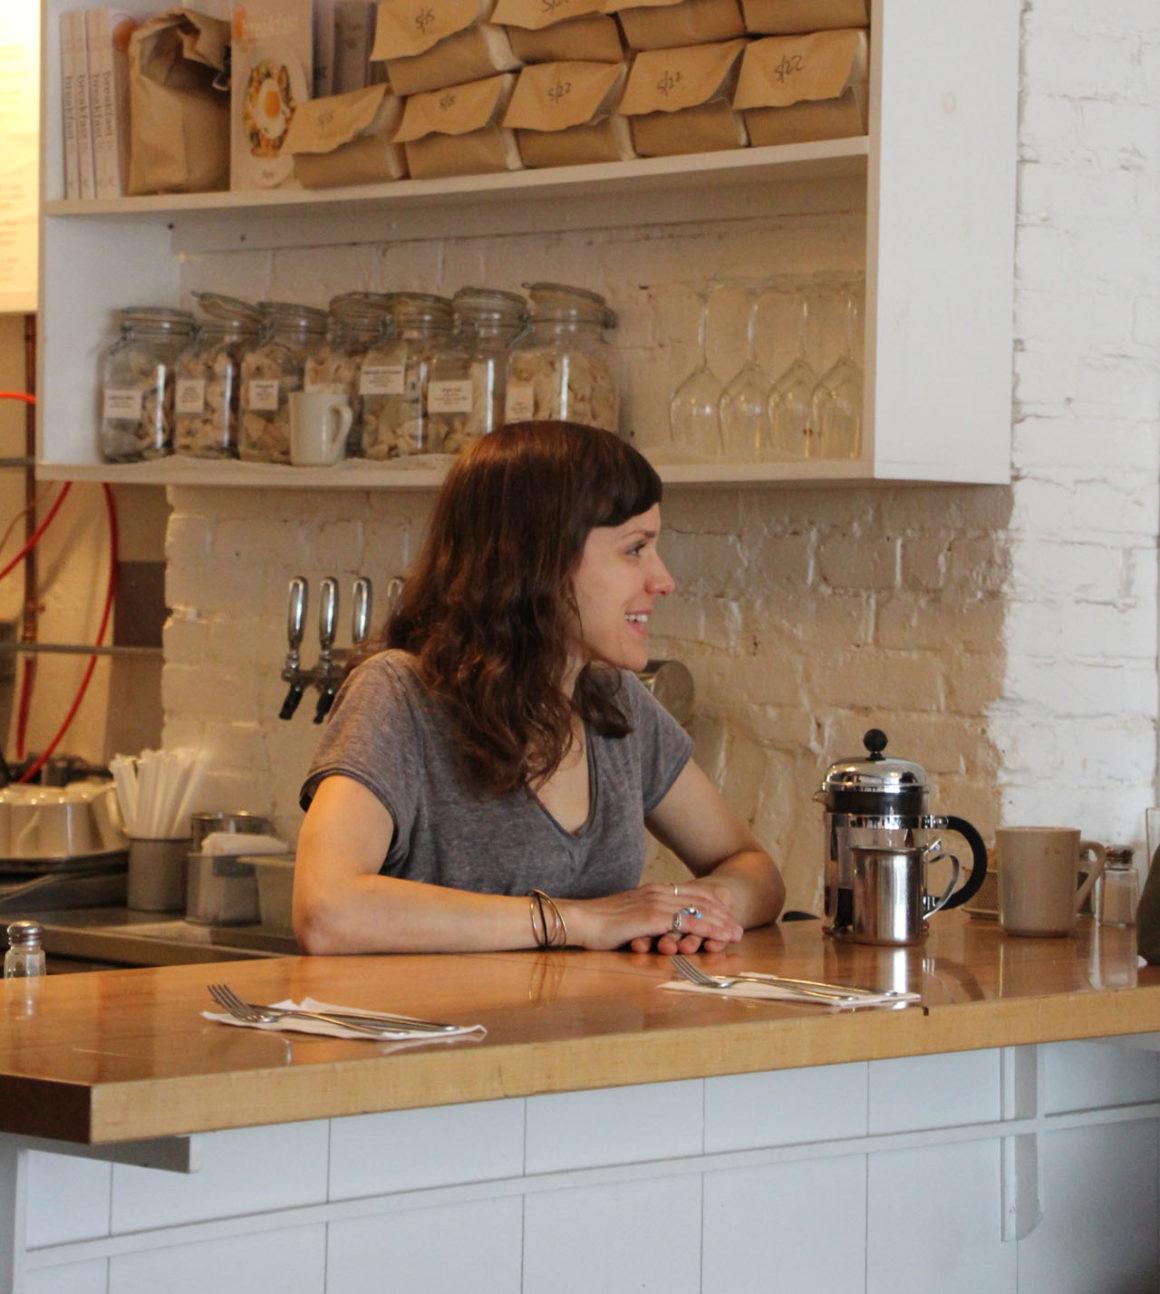 Café da manhã no Brooklyn: Egg e outras dicas